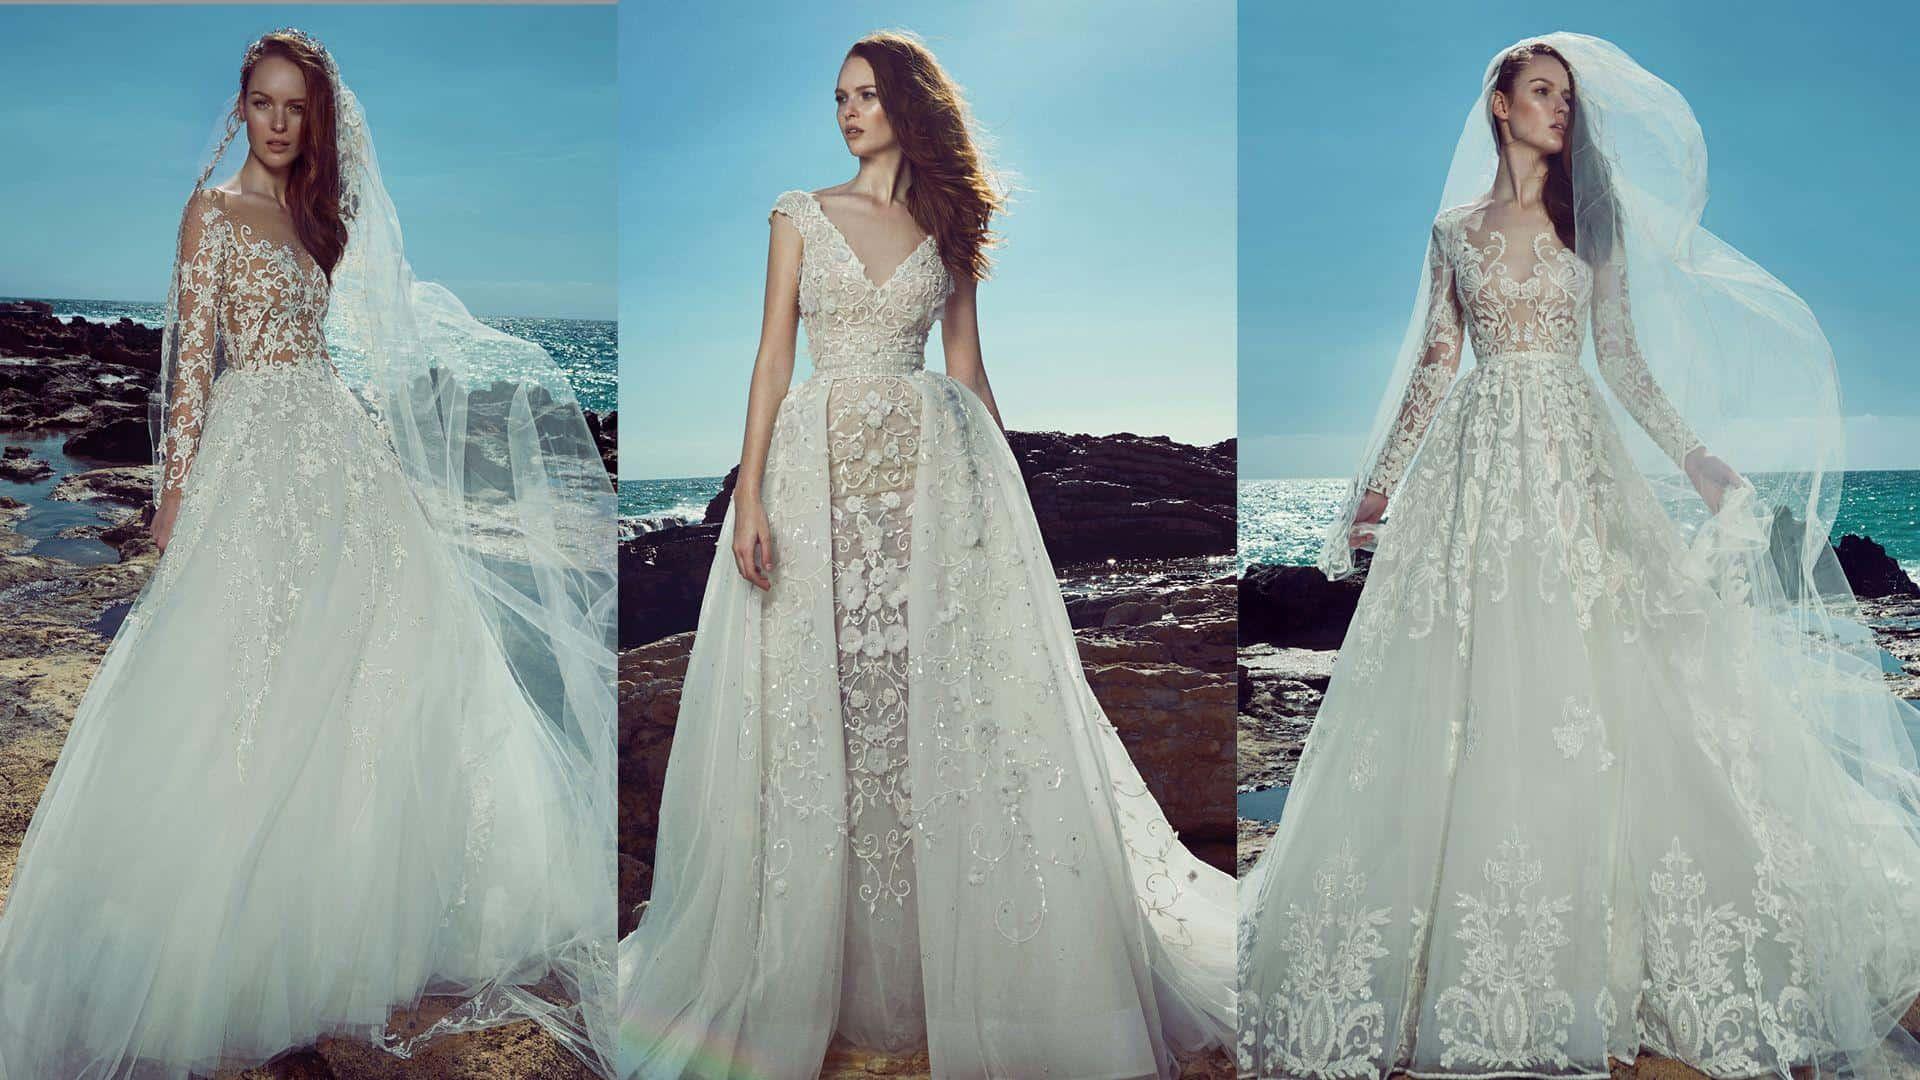 9a8b43ad4 فساتين زفاف زهير مراد لصيف 2019 تأسر القلوب | مجلة سيدات الامارات